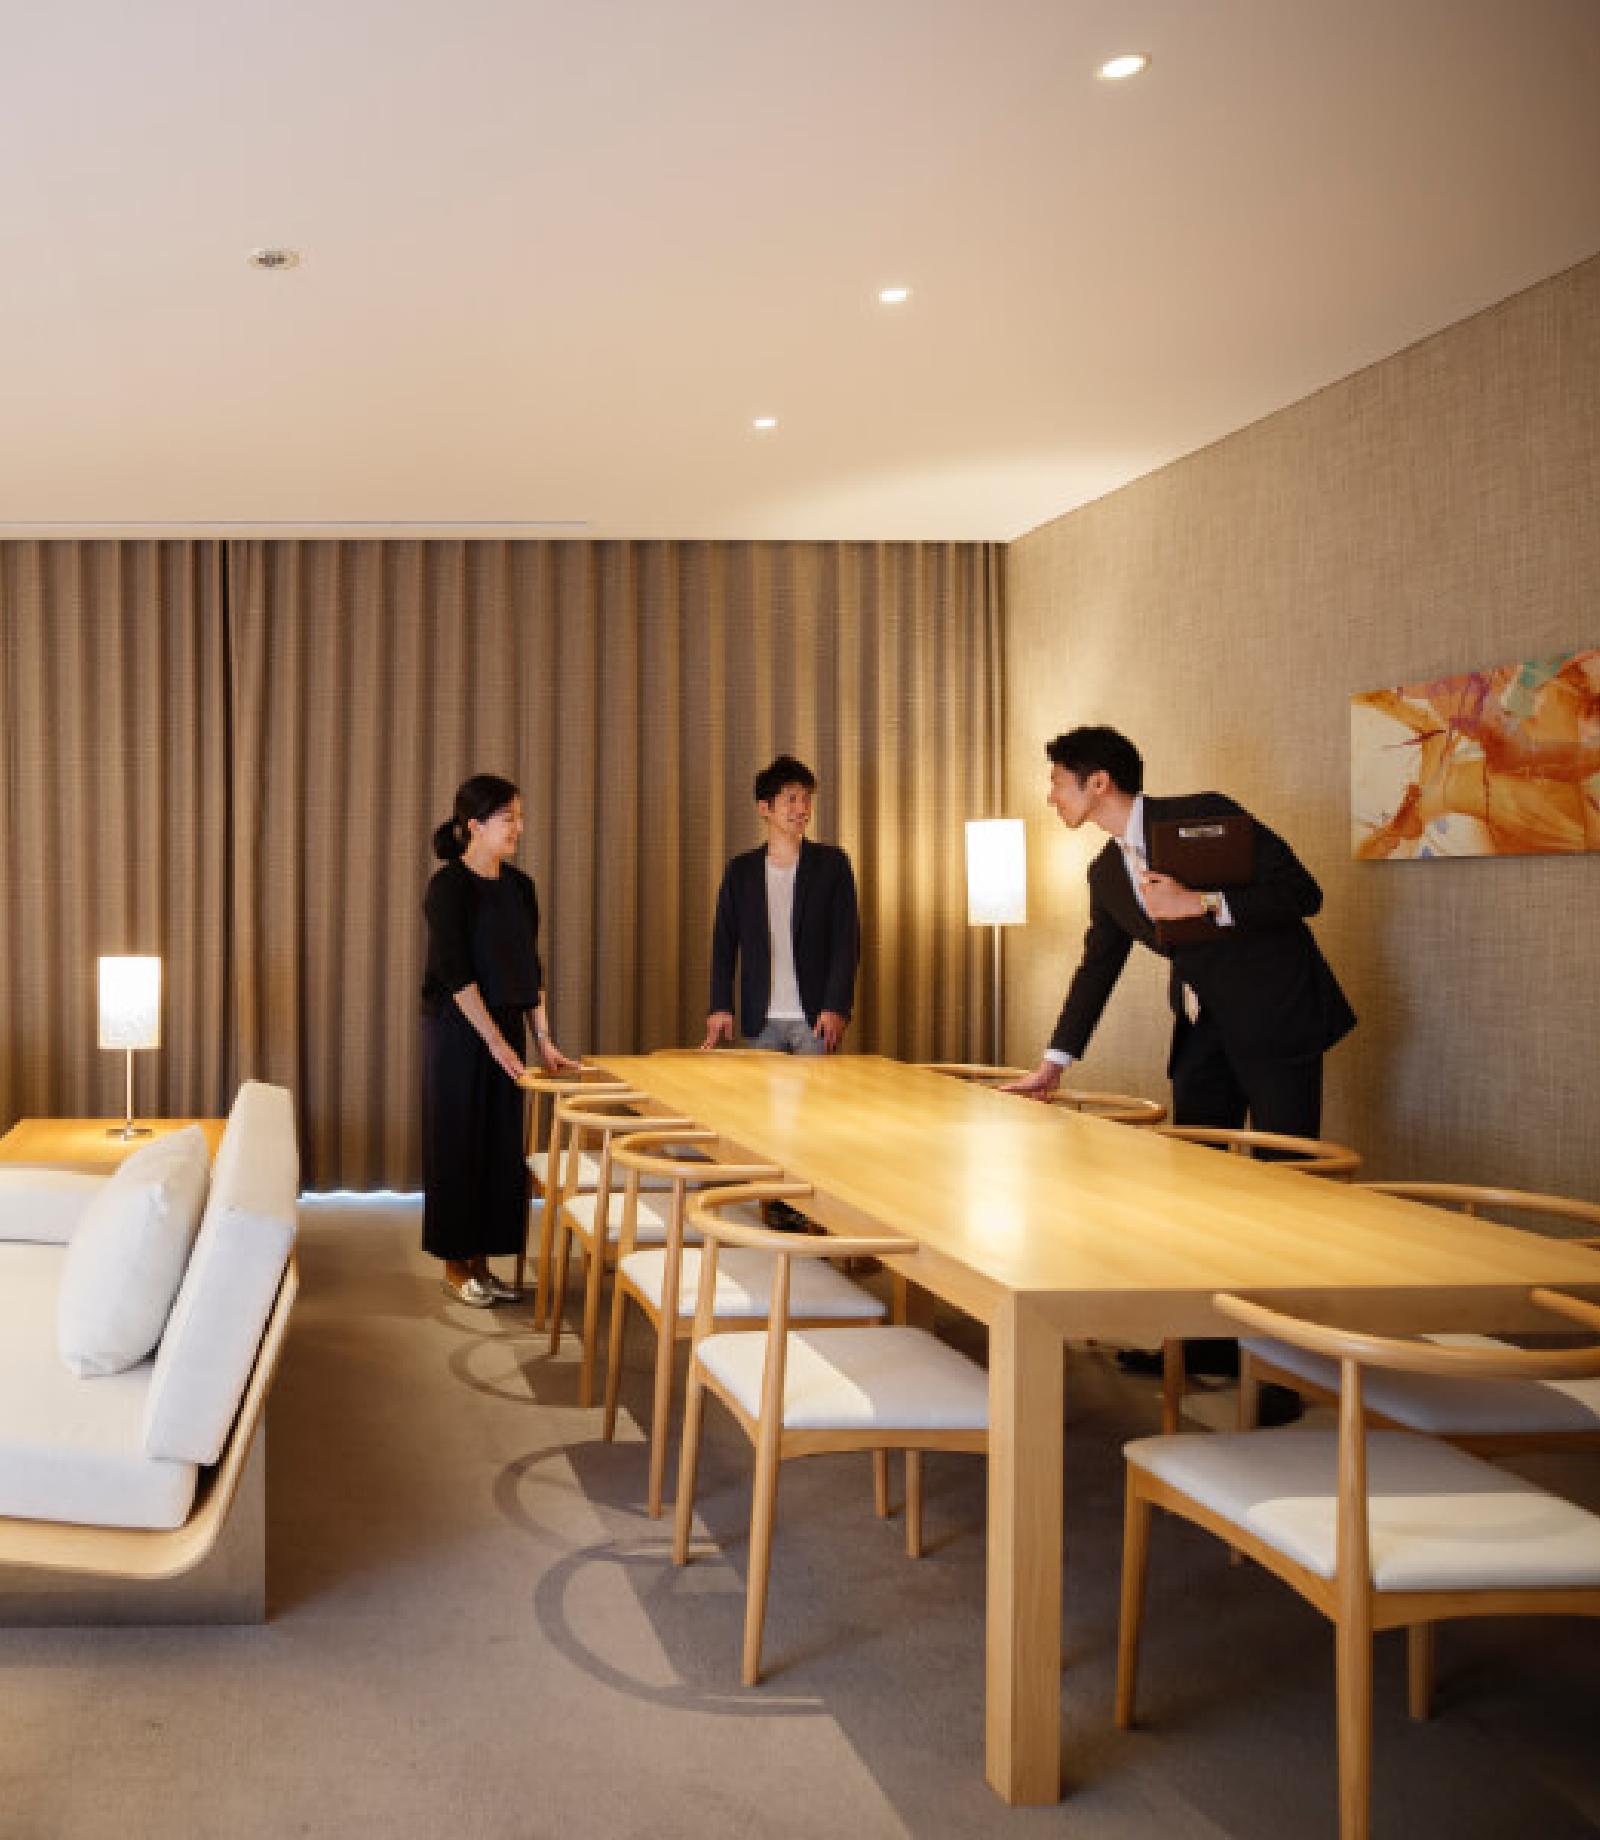 隈研吾建築の世界を堪能 プライベートホテルツアー